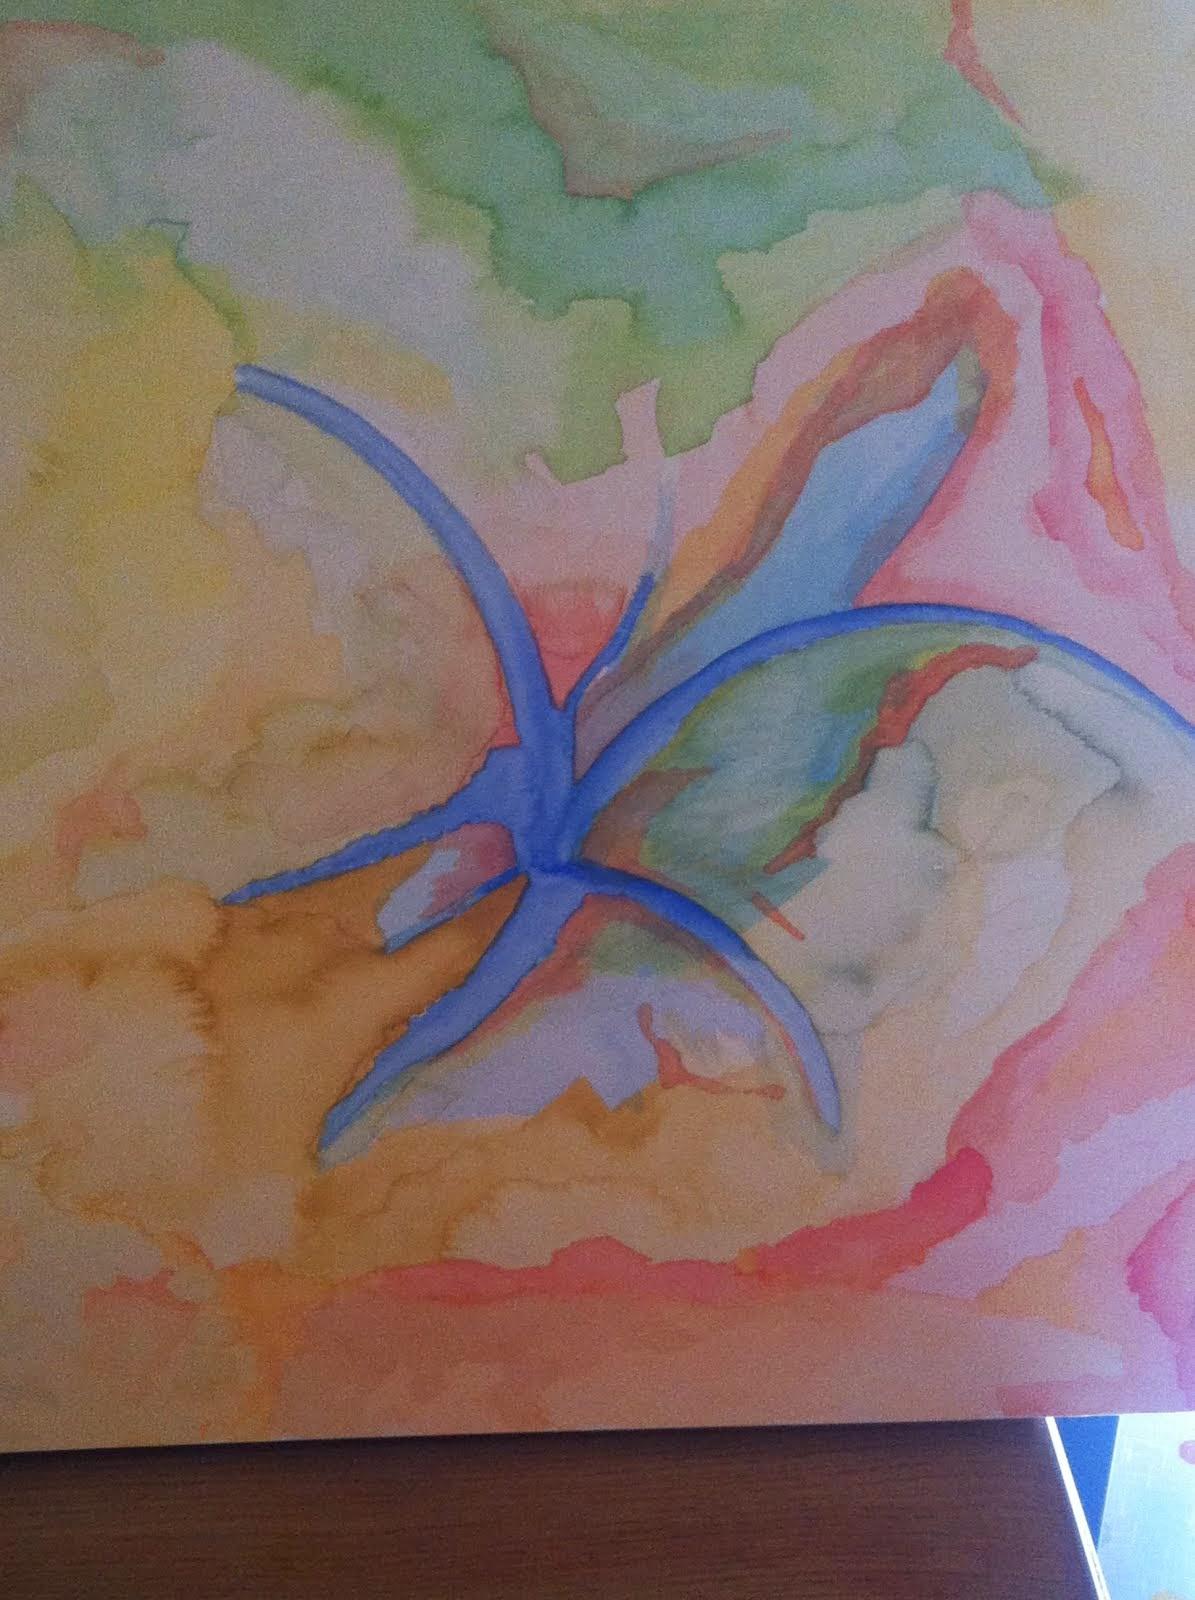 I nuovi colori di Anna Maria